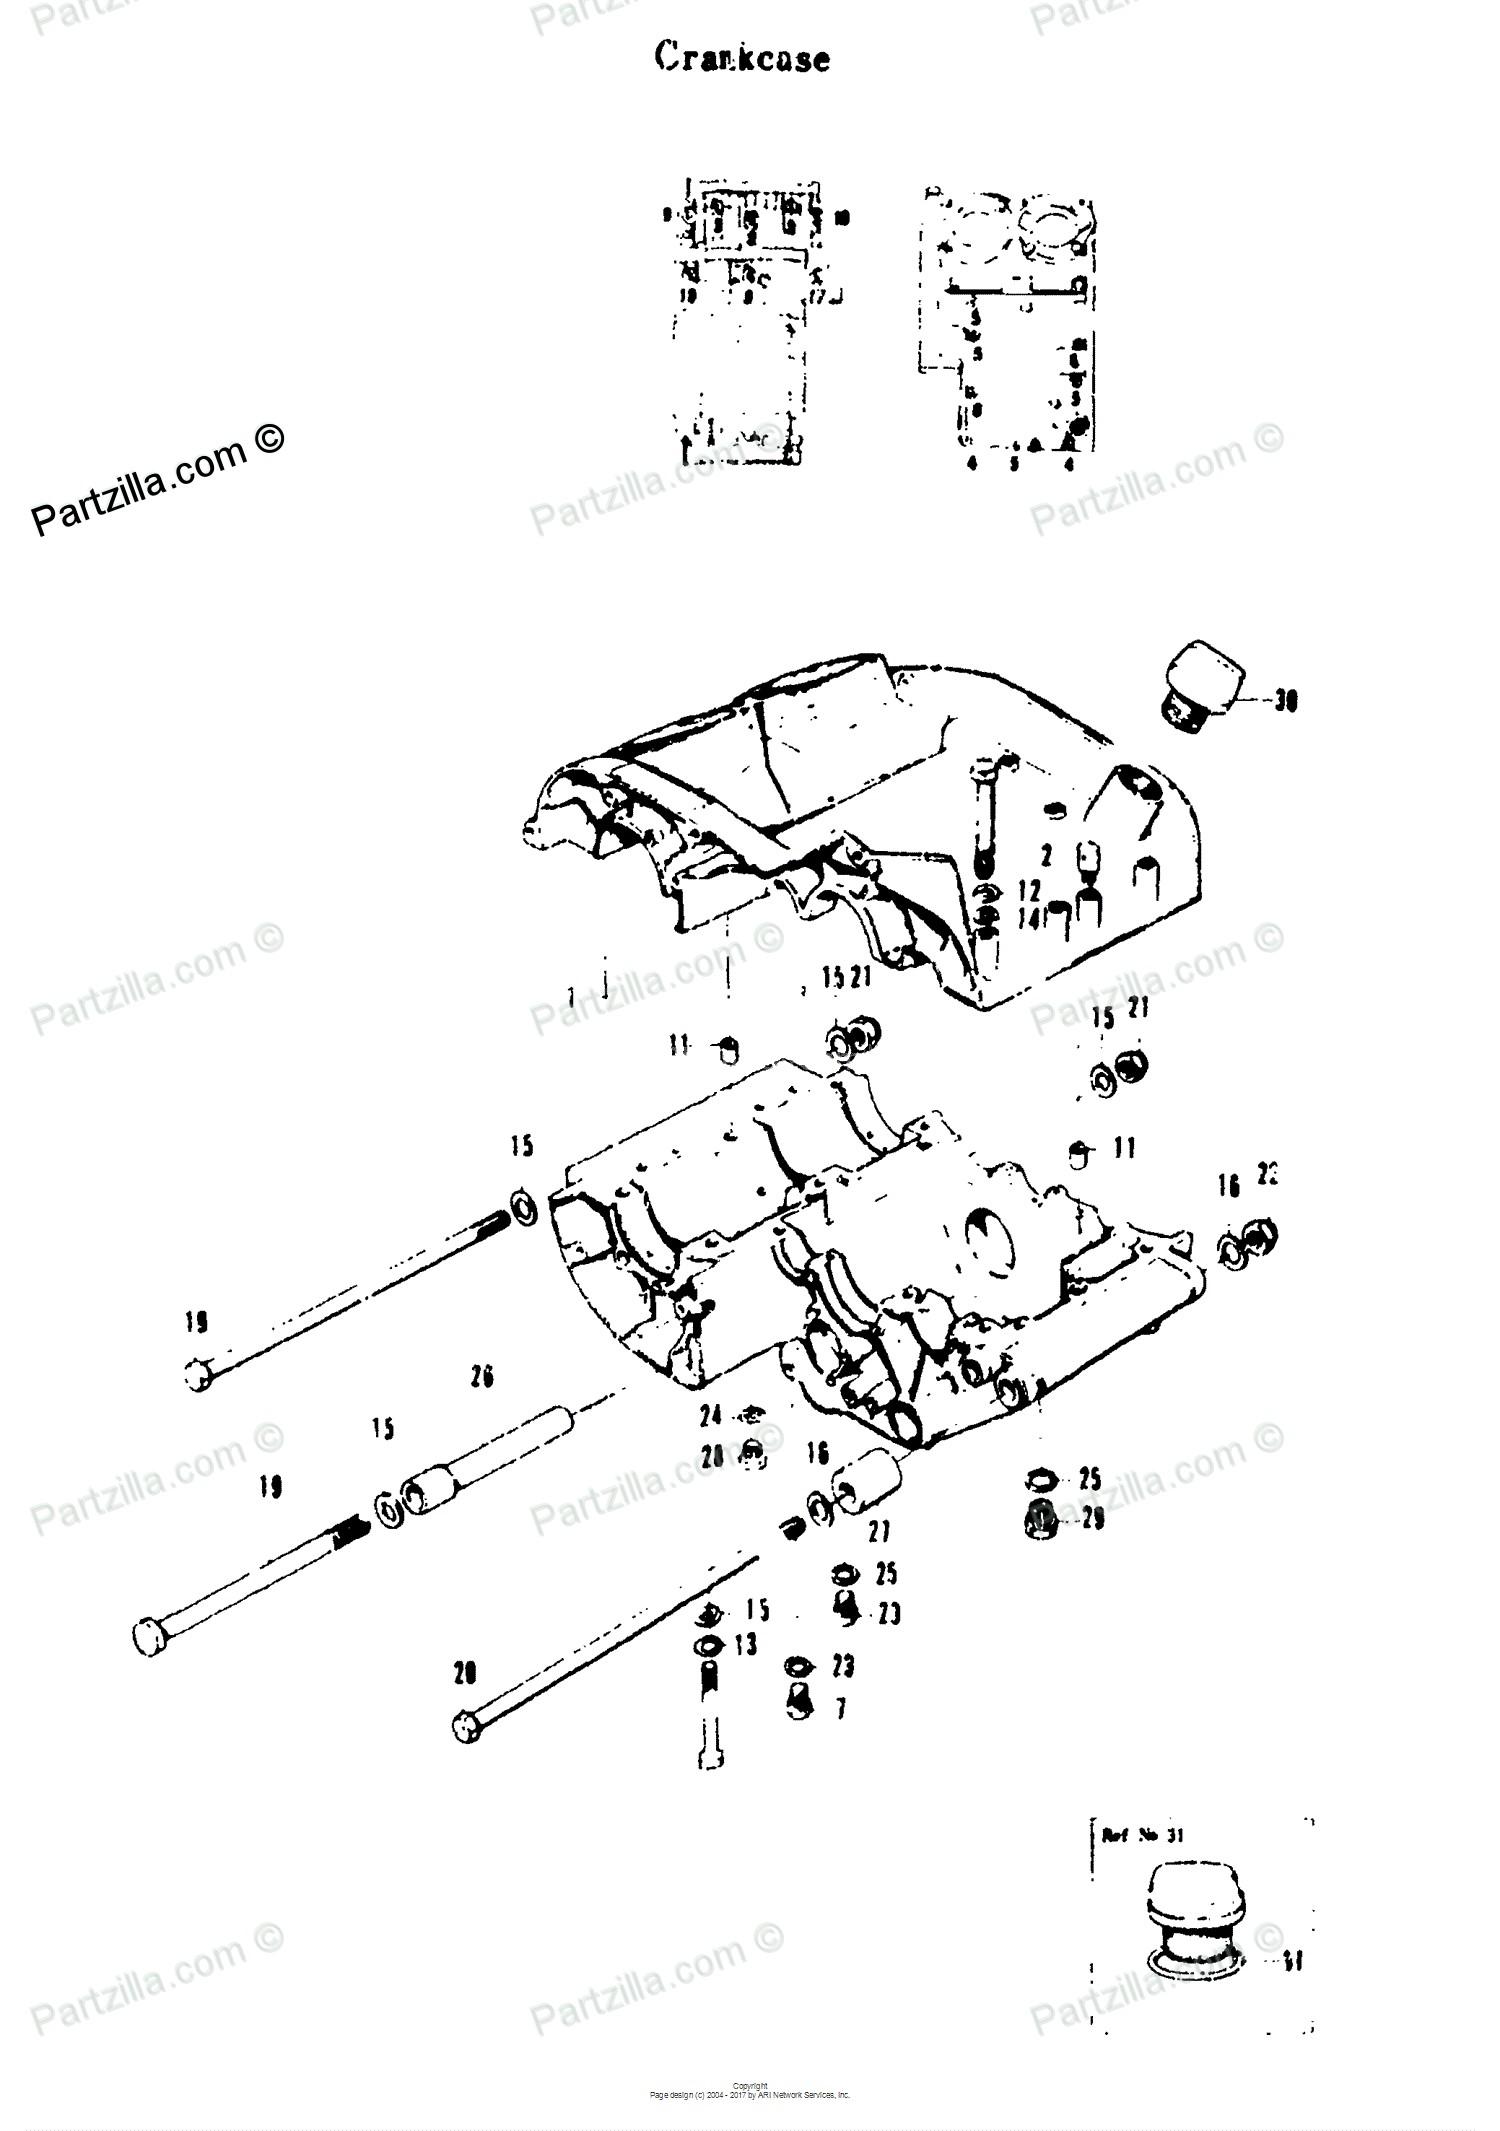 Motorcycle engine parts diagram suzuki motorcycle 1969 oem parts diagram for crankcase partzilla of motorcycle engine